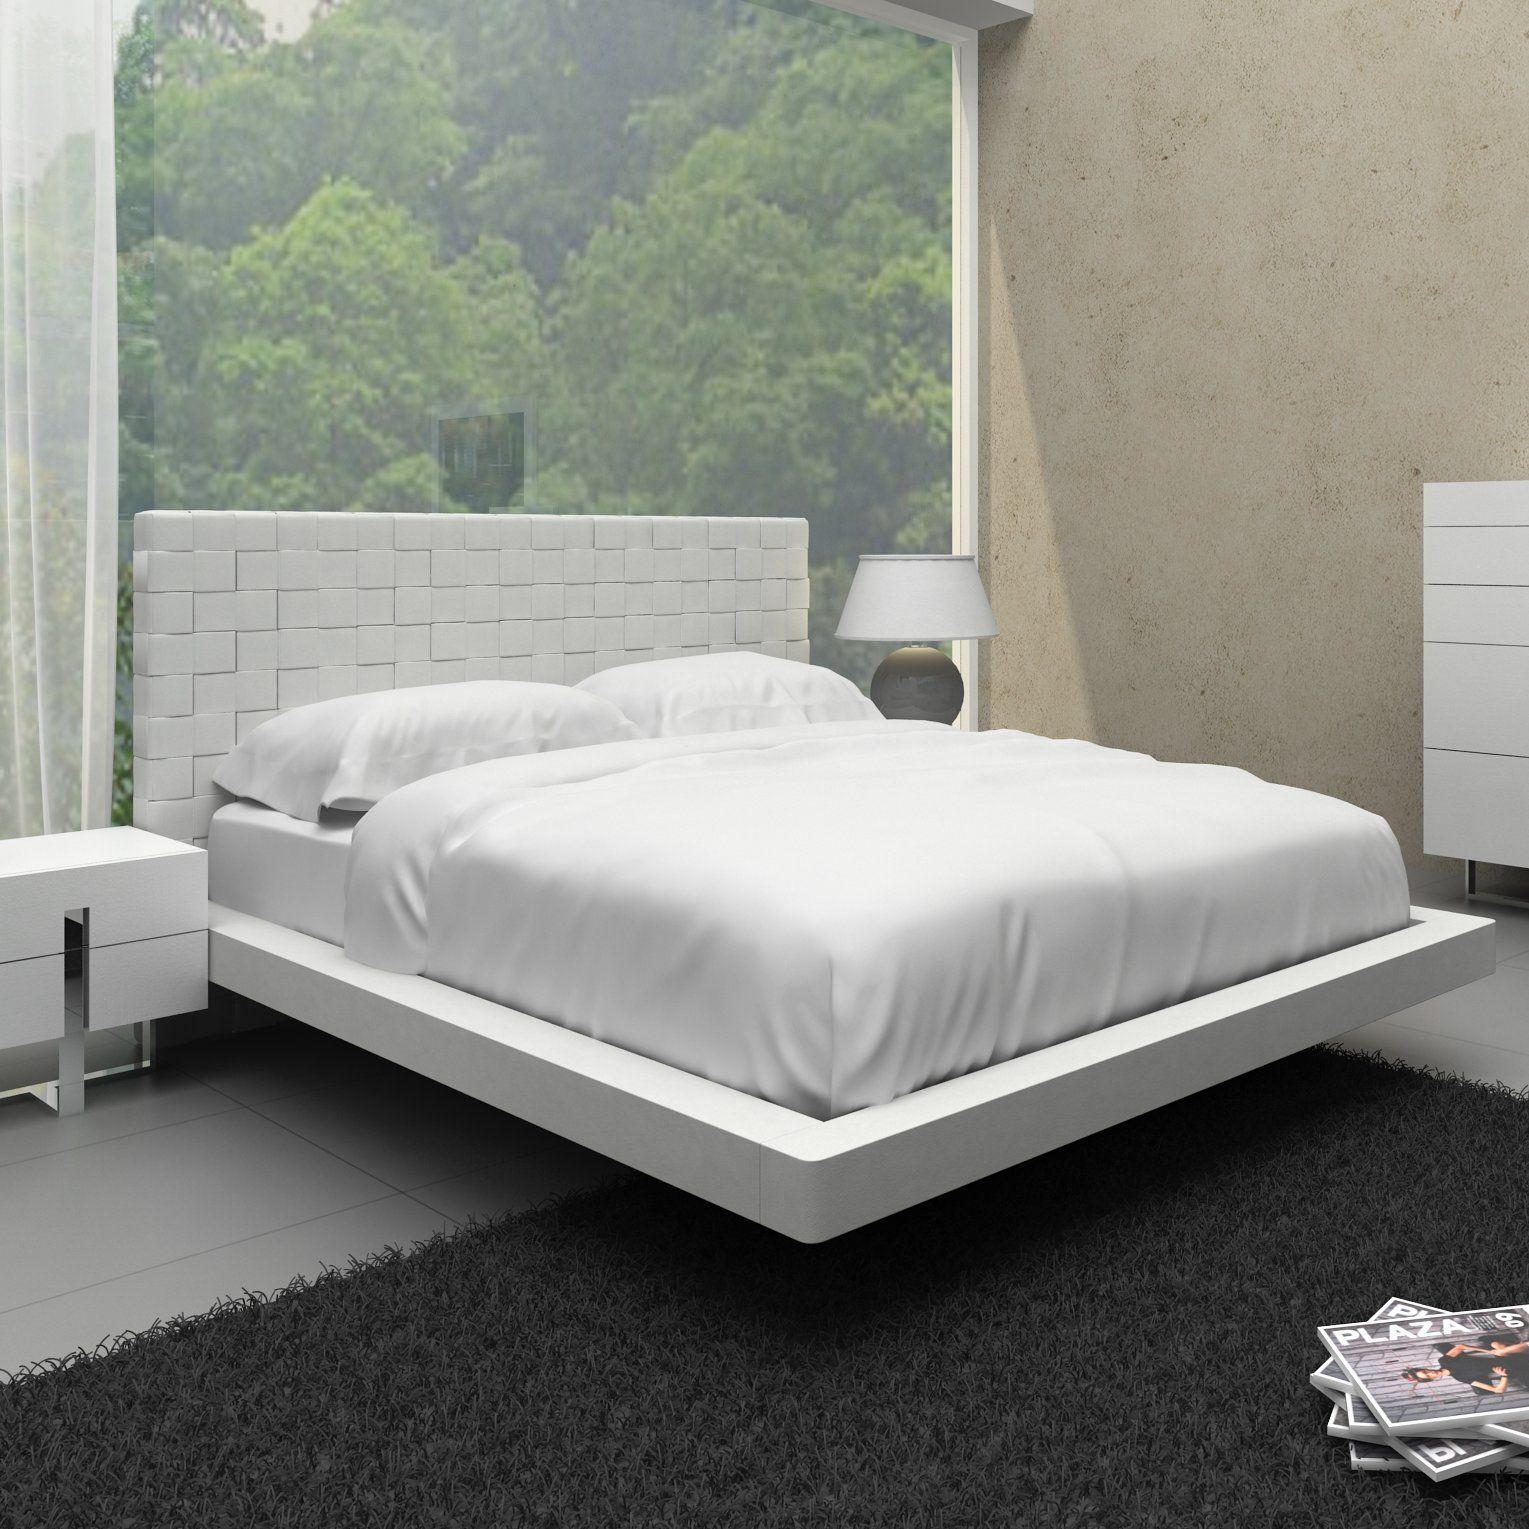 Modern Perrott Upholstered Platform Bed Perrott